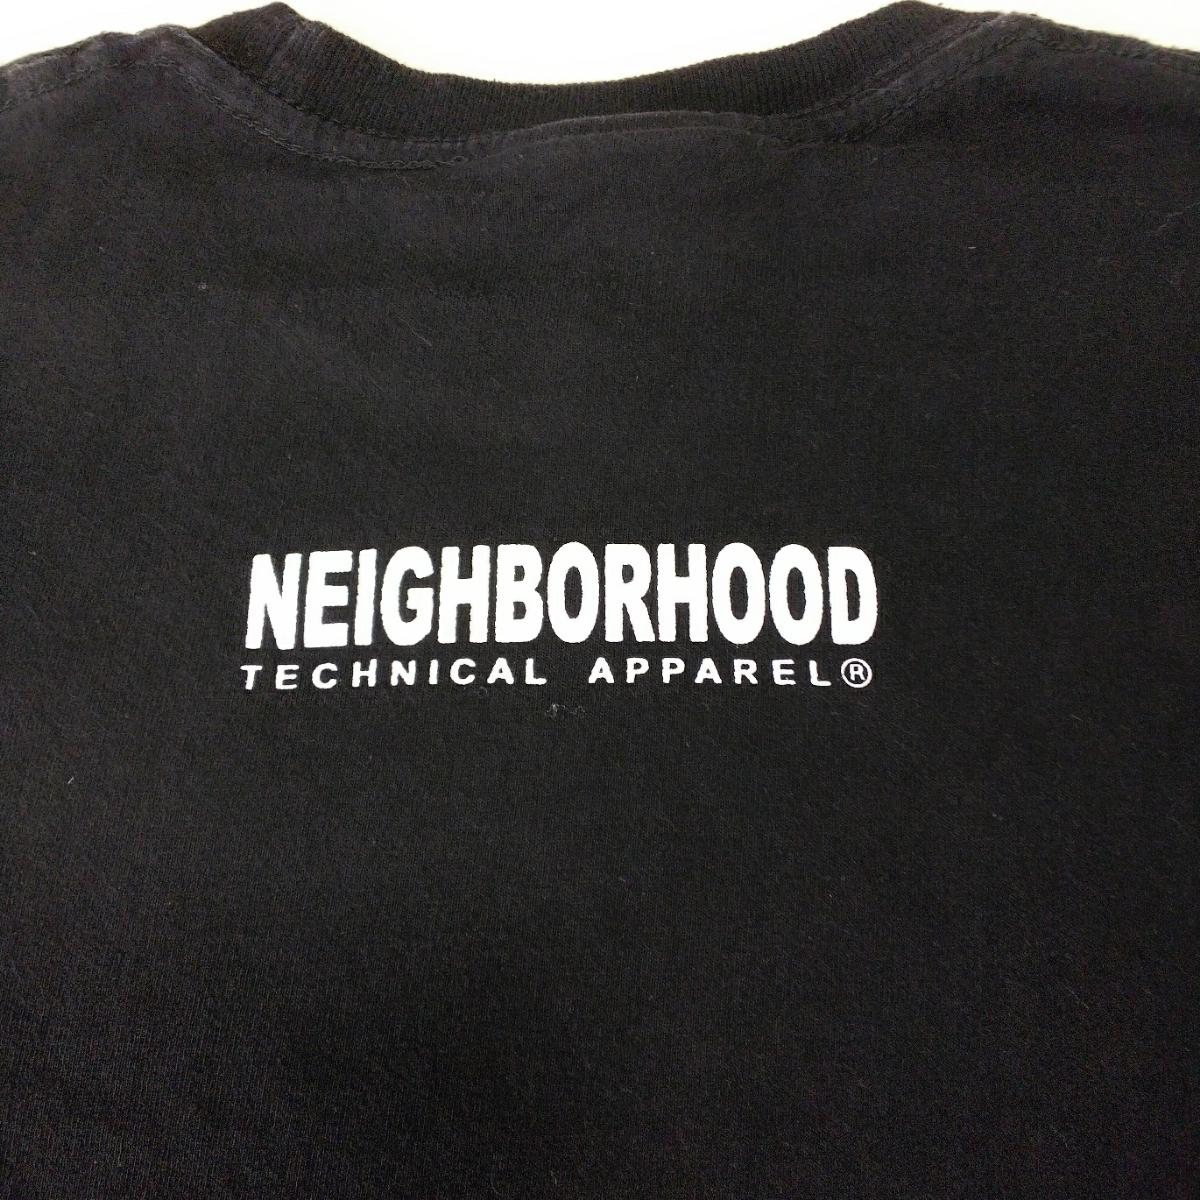 PV9 NEIGHBORHOOD ネイバーフッド メンズ M 半袖 Tシャツ 黒 ブラック ロゴ_画像4